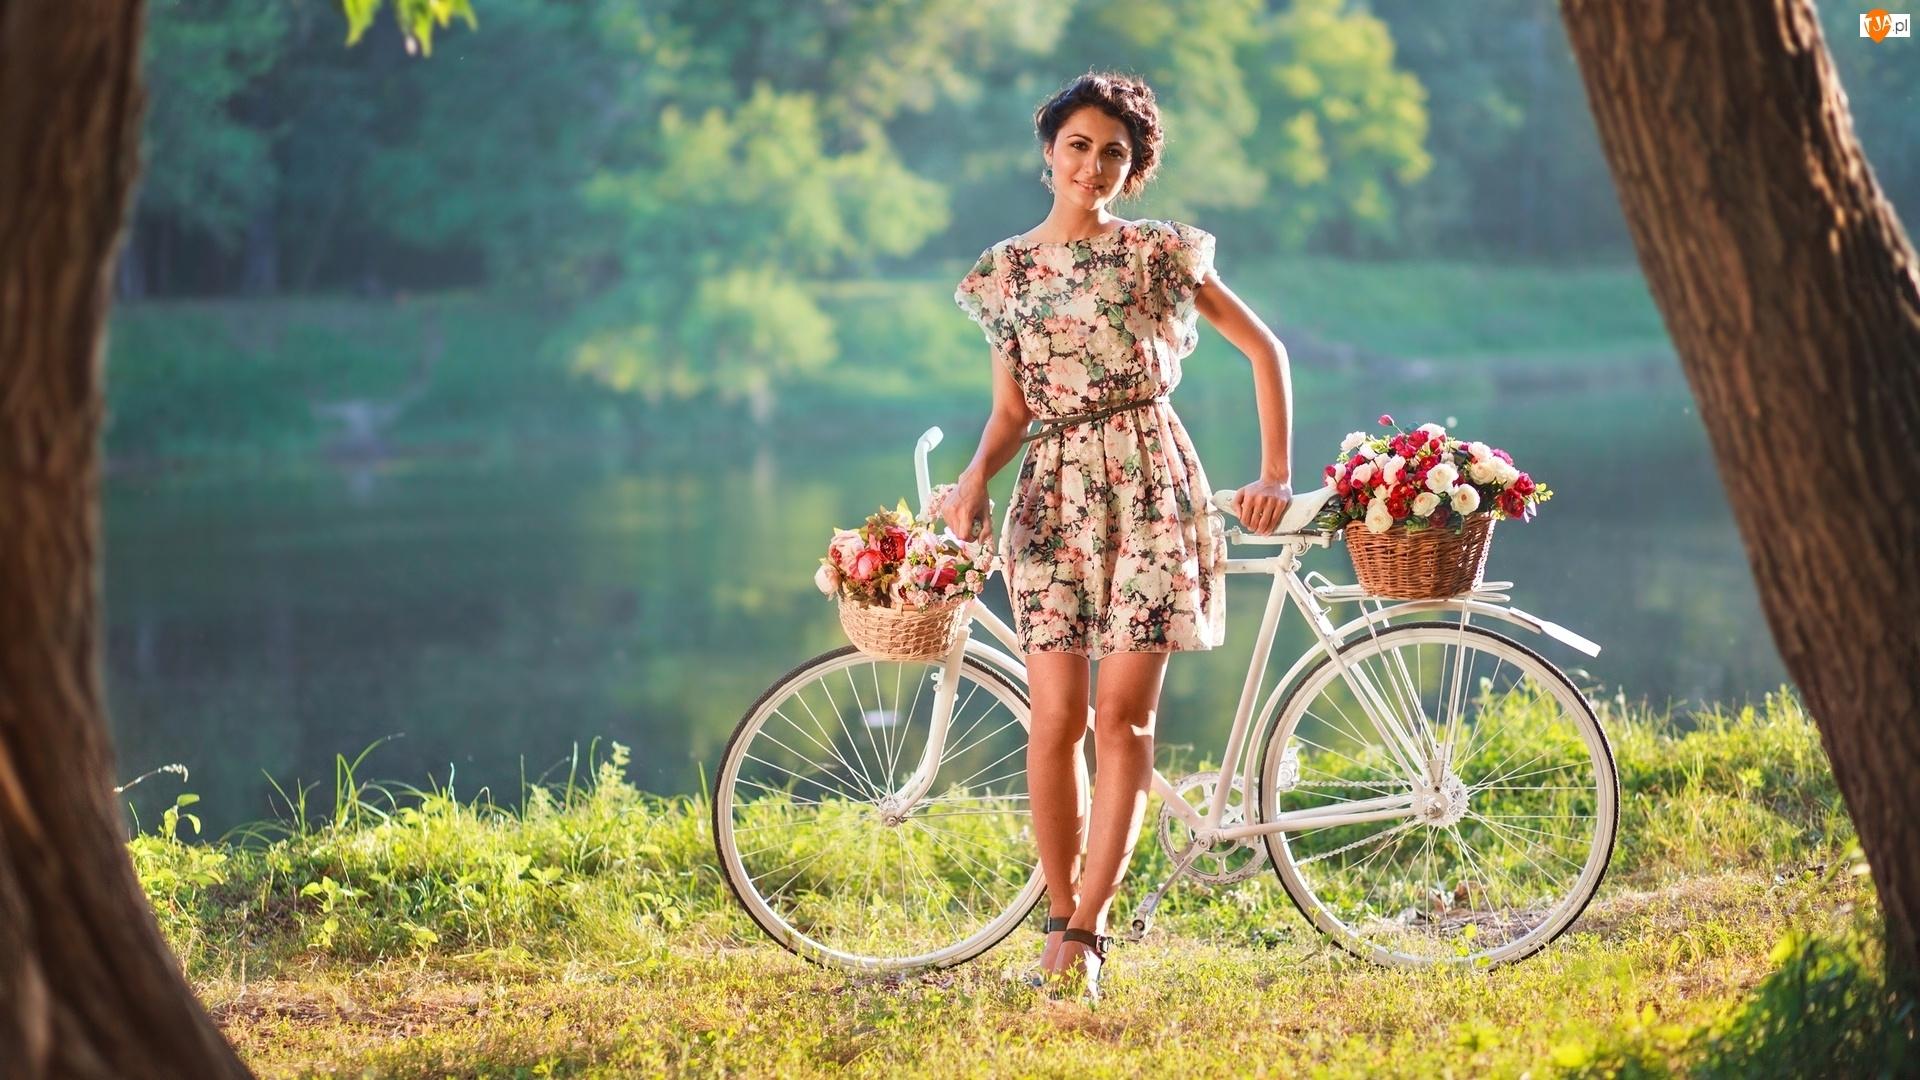 Rzeka, Brunetka, Koszyki, Rower, Kwiaty